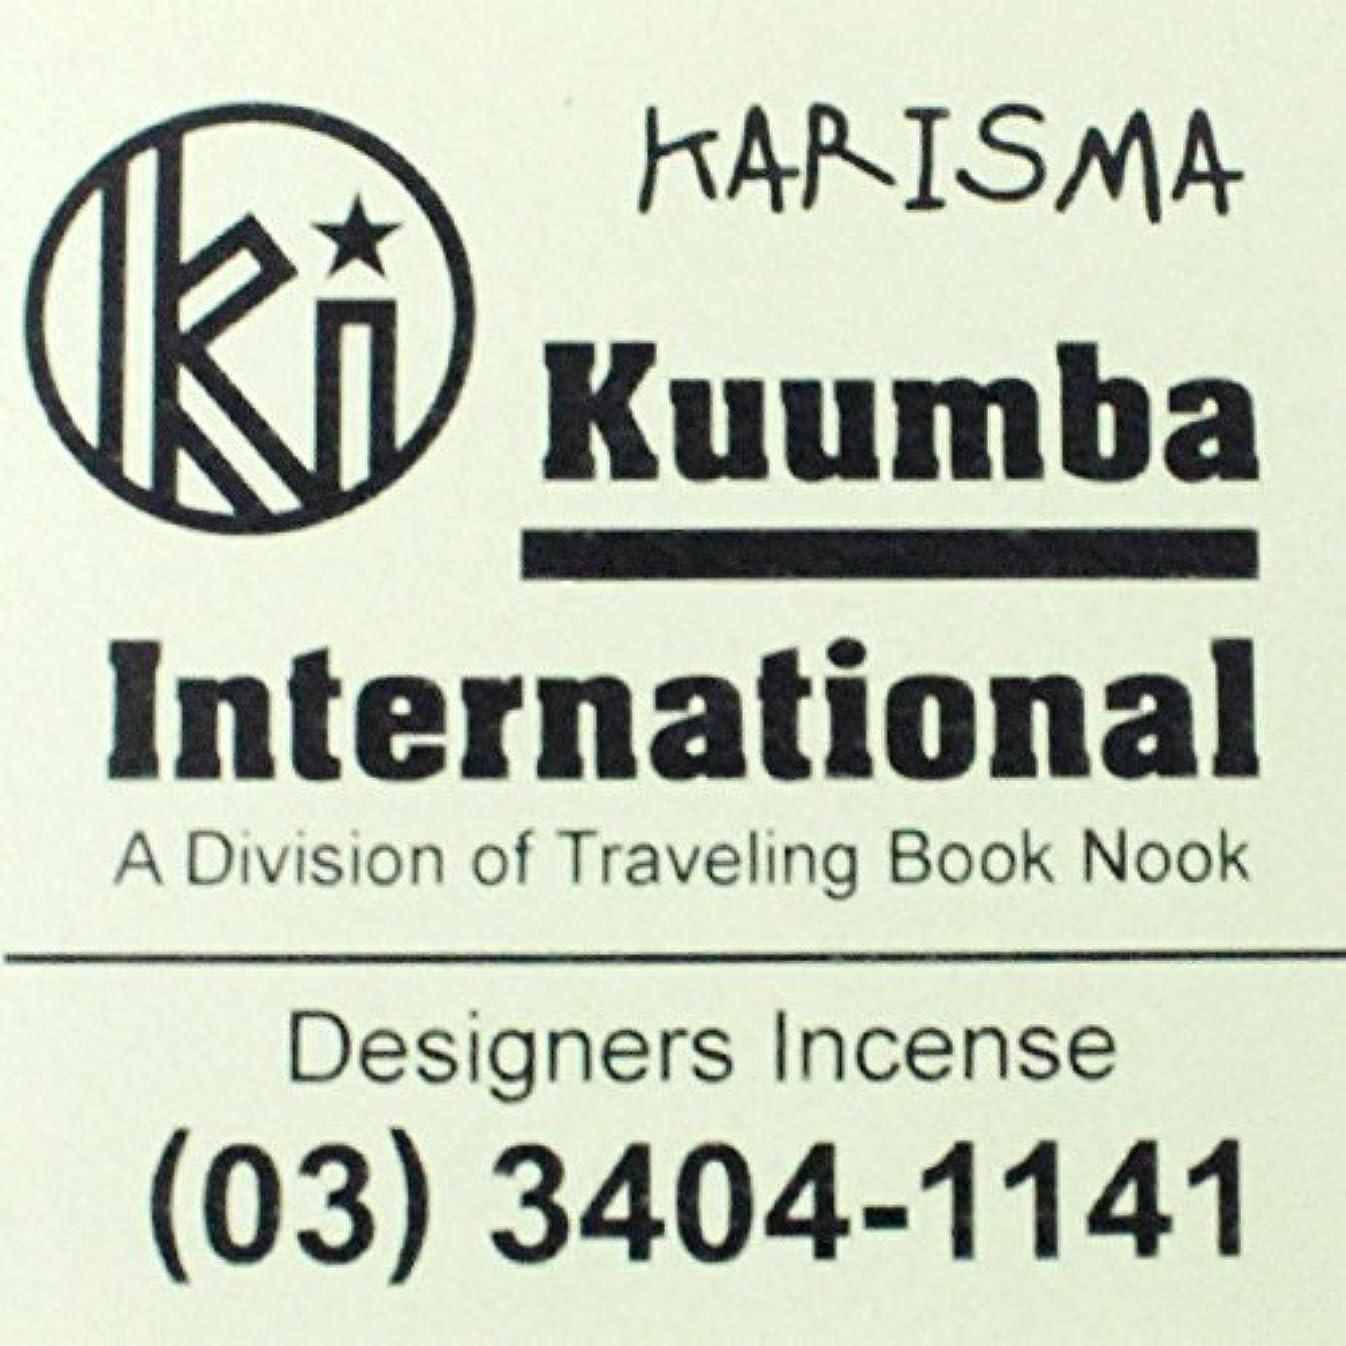 シティレコーダーツール(クンバ) KUUMBA『incense』(KARISMA) (Regular size)